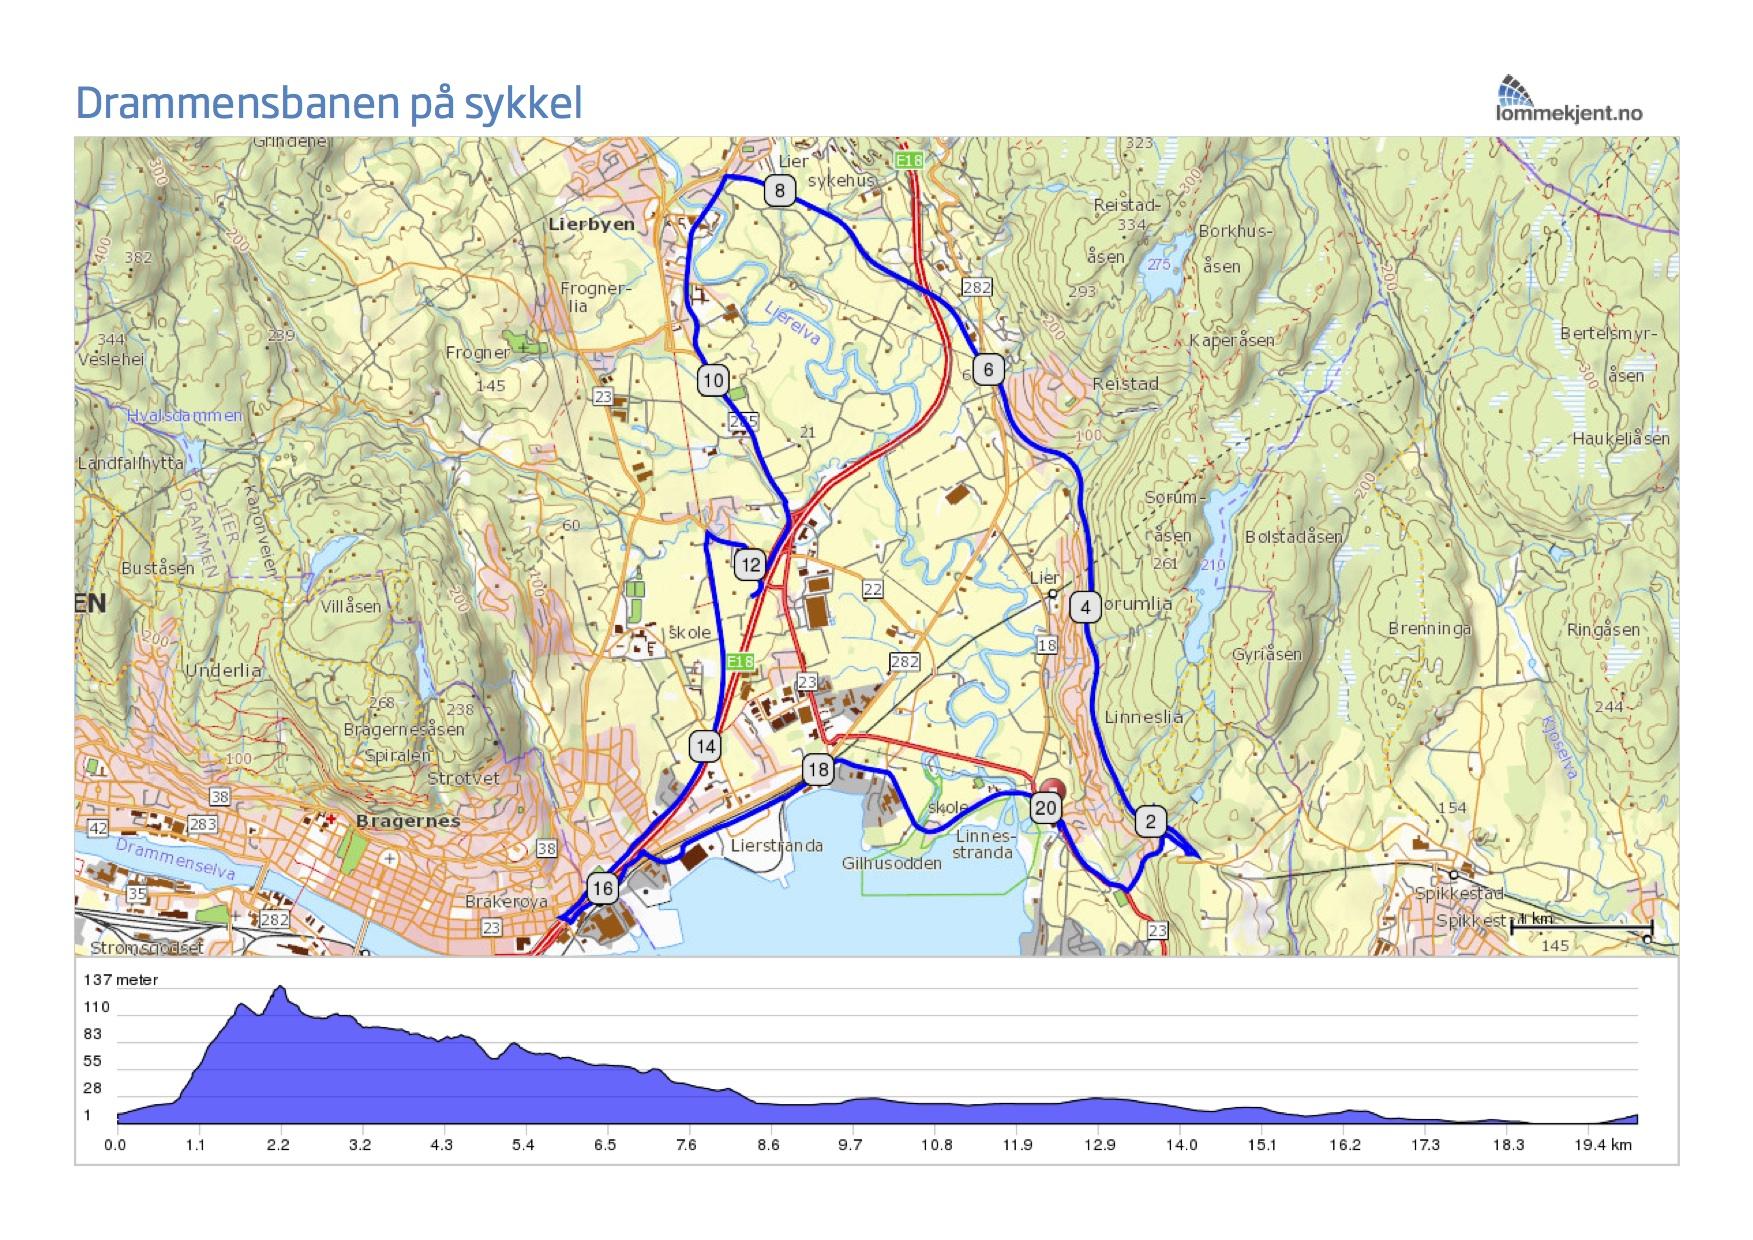 sykkelsti kart Sykkeltur på gamle Drammensbanen sykkelsti kart